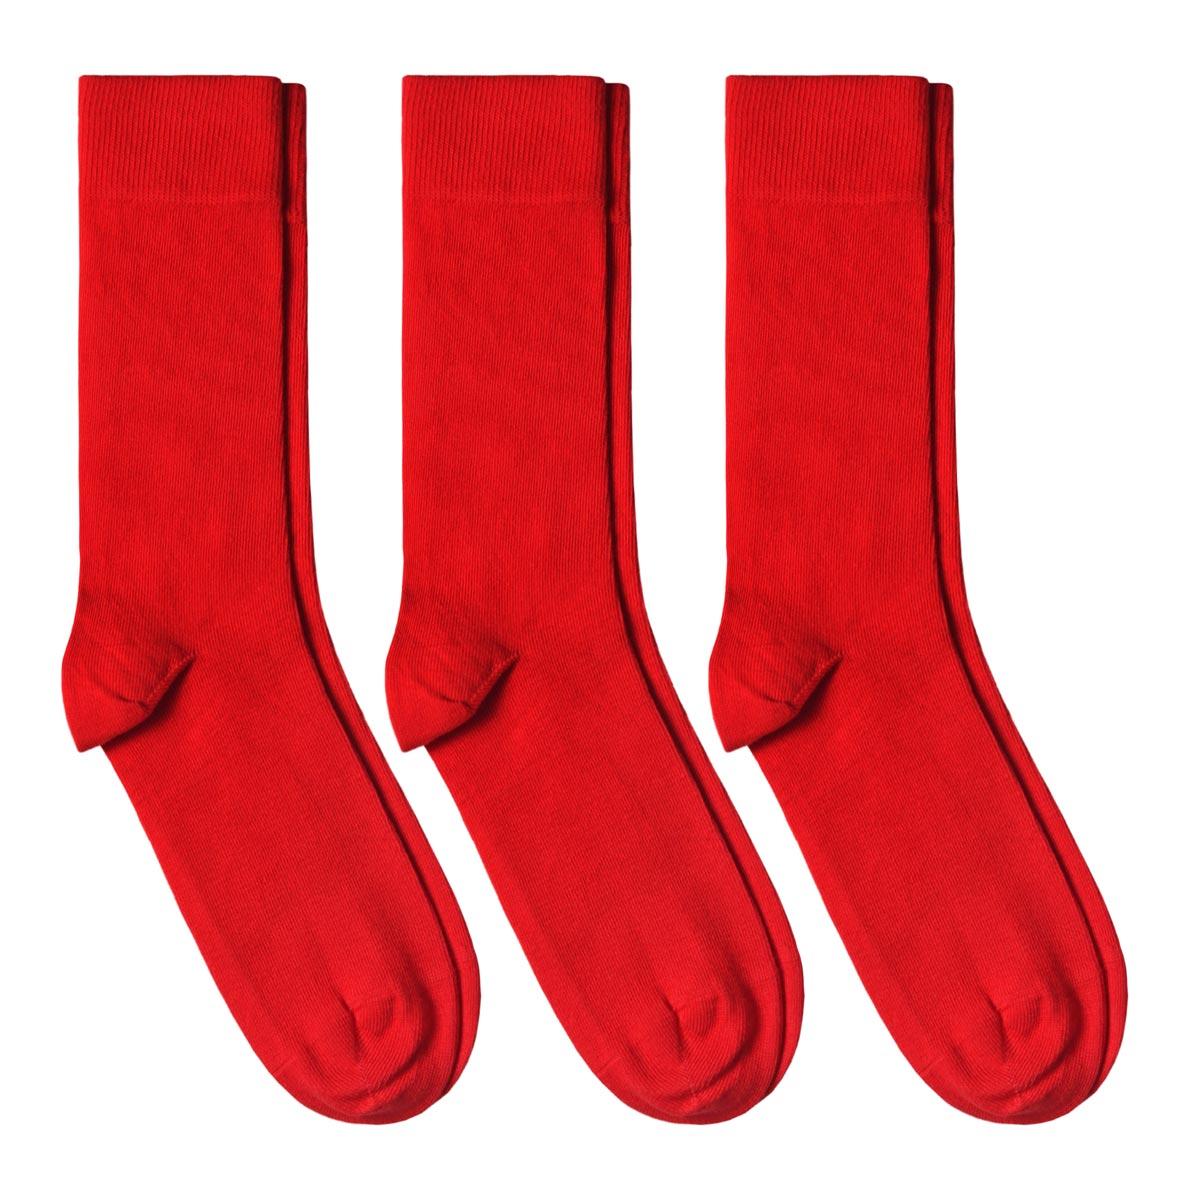 CH-00569_A12-1--_Lot-3-paires-de-chaussettes-homme-rouges-unies